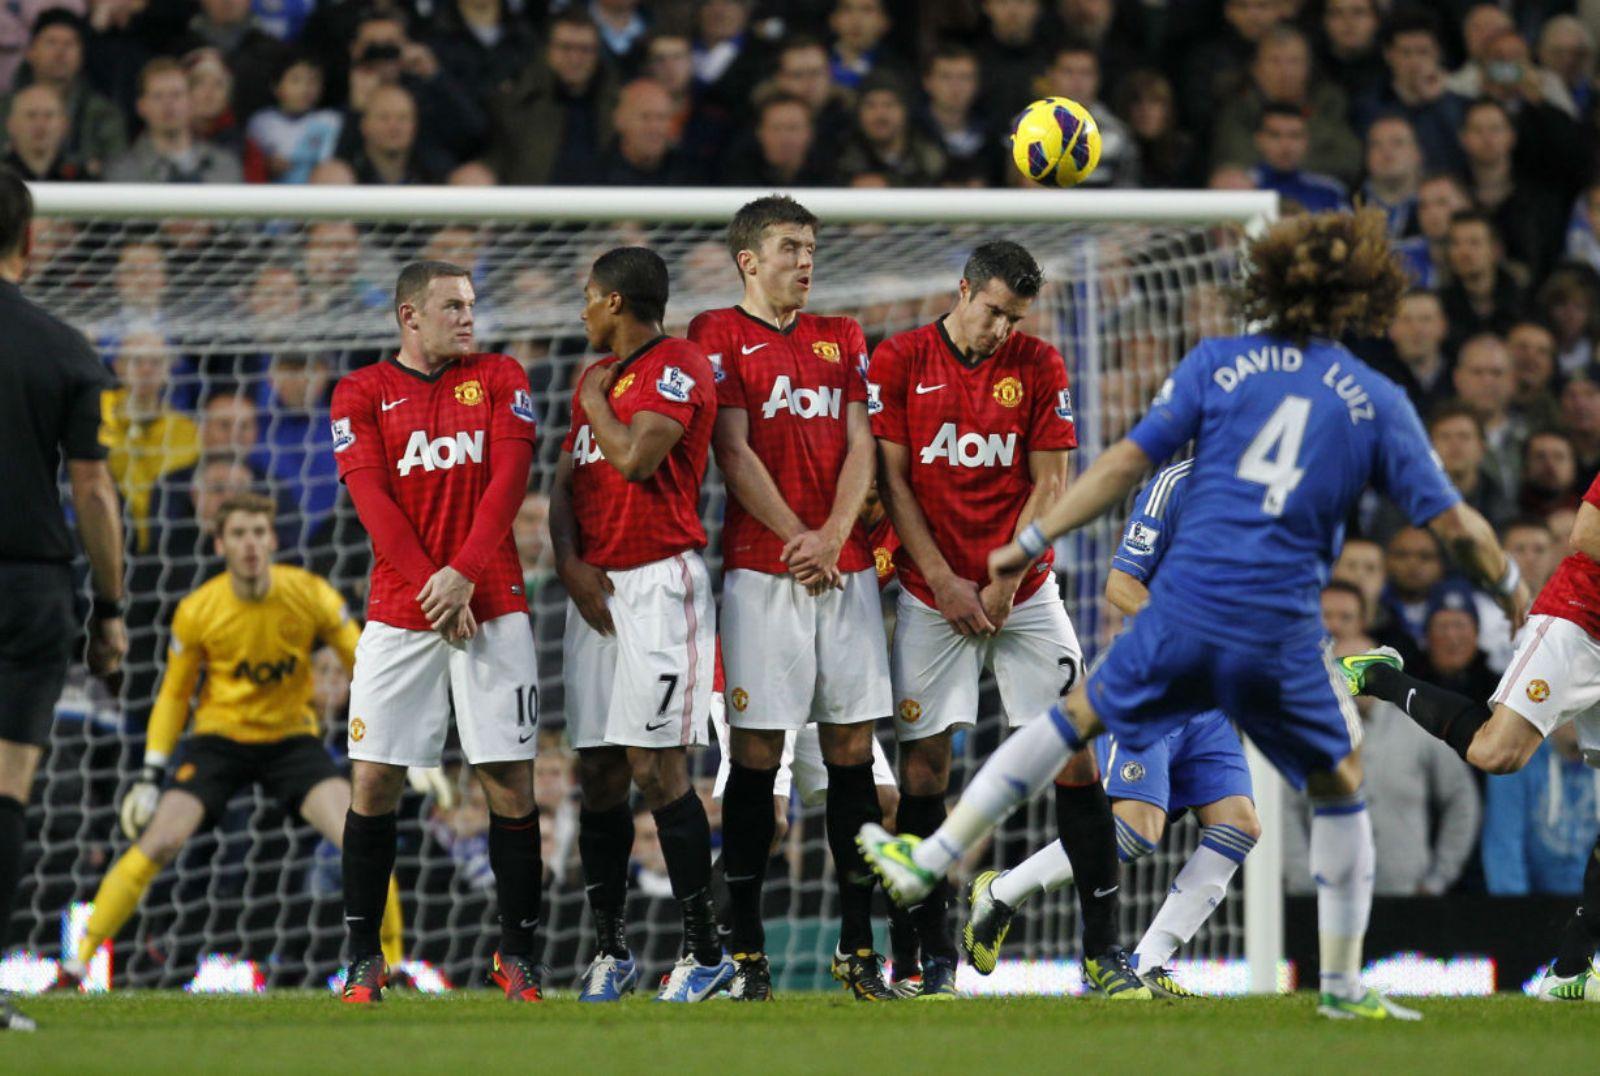 Với 'gã Judas', Arsenal có thêm 3 thứ 'vũ khí' lợi hại ở mùa này. - Bóng Đá